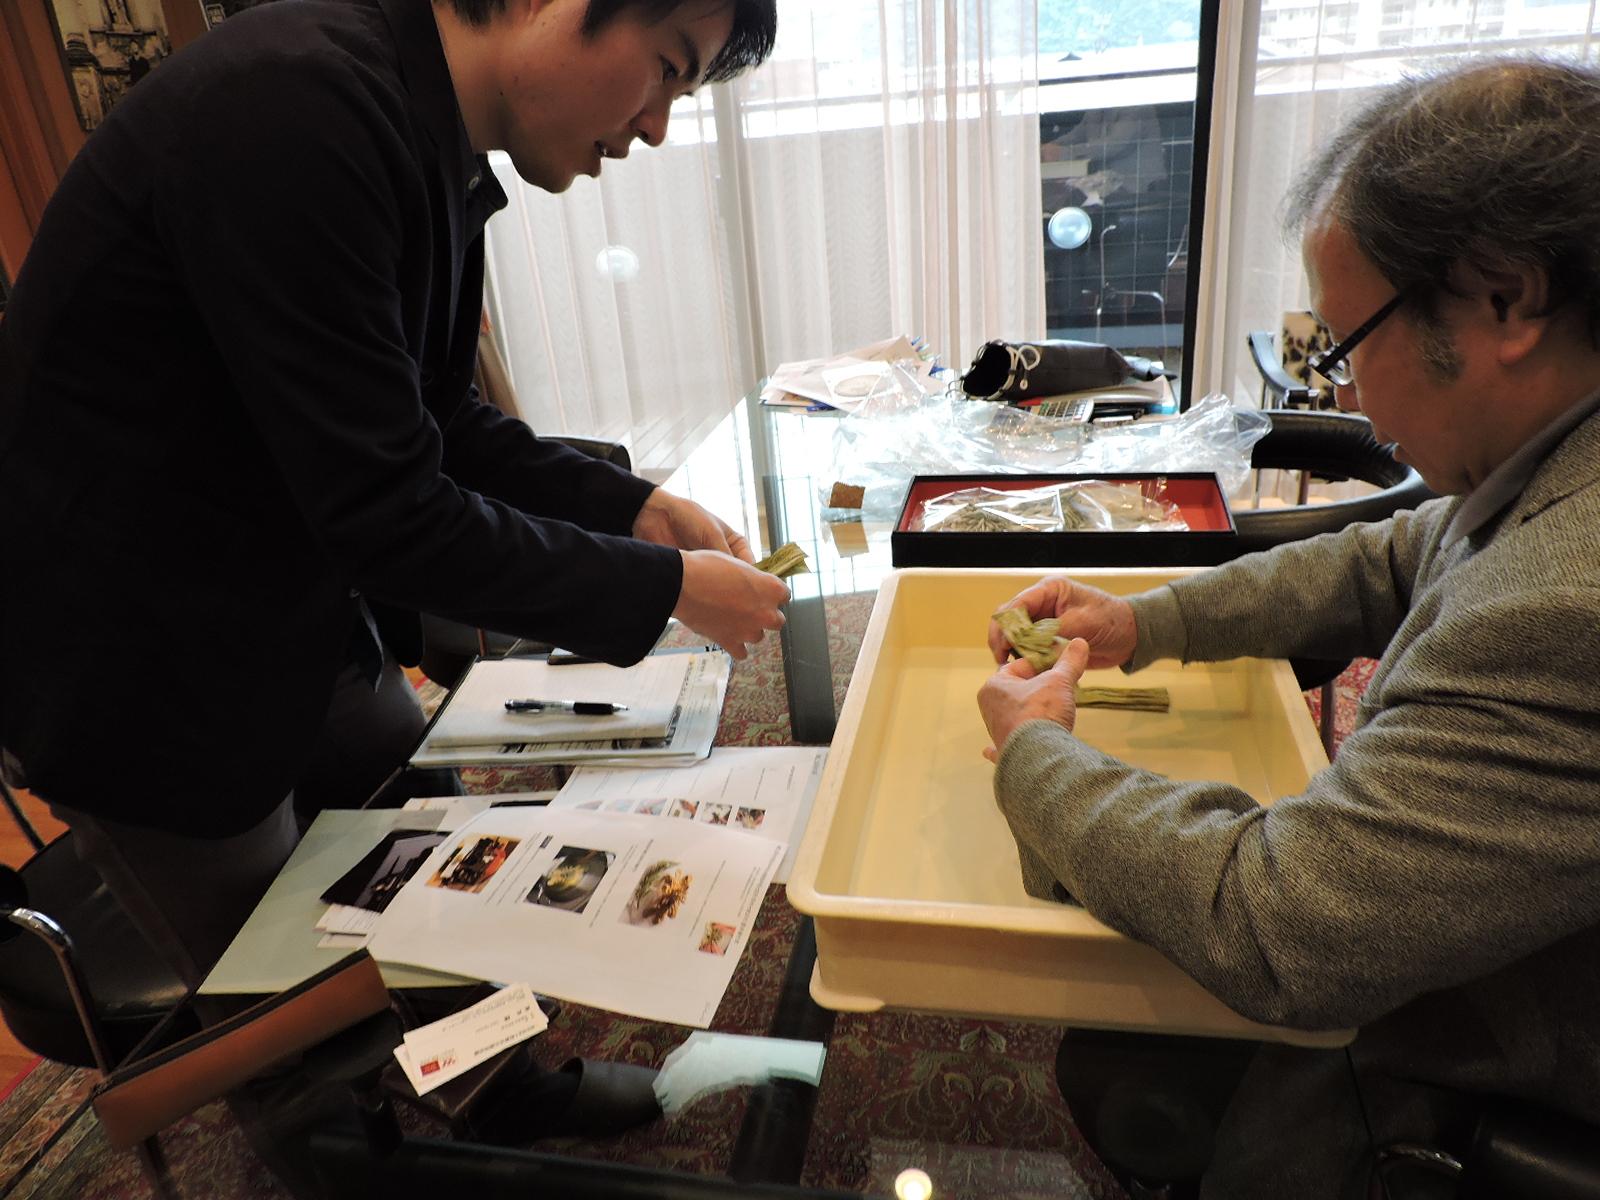 NHK福井局の取材がありました。 平成28年4月22日(金曜日)